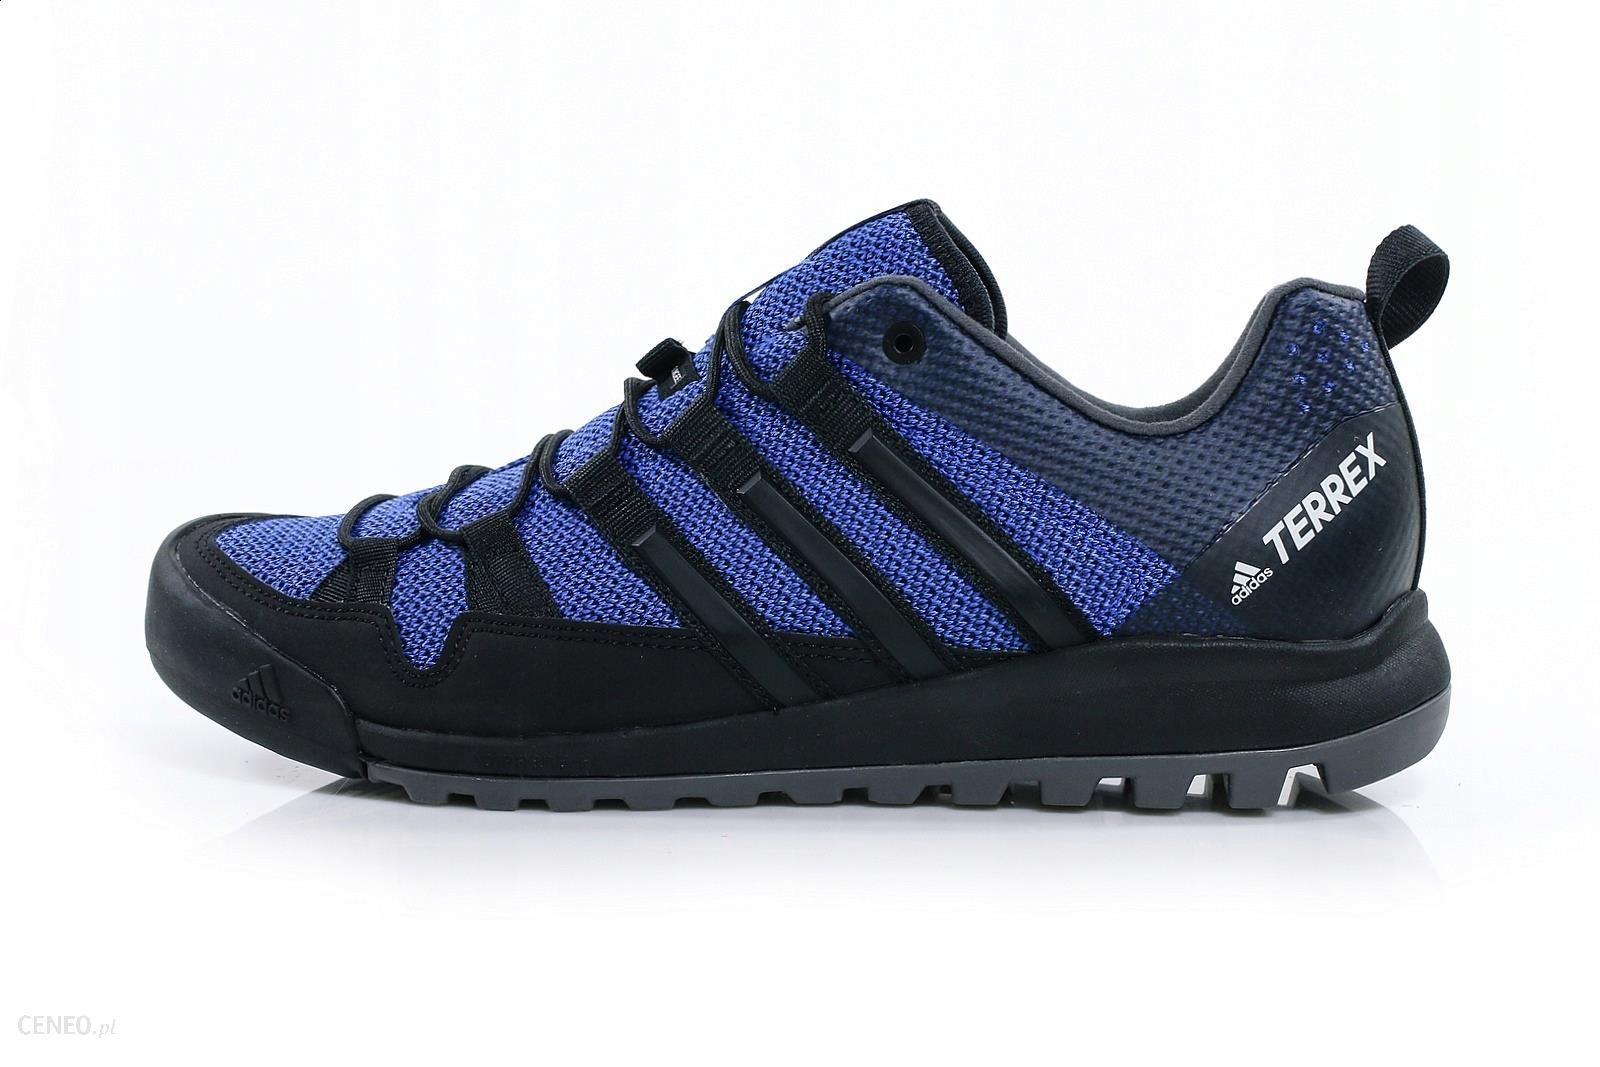 Buty Adidas Terrex oferty Ceneo.pl